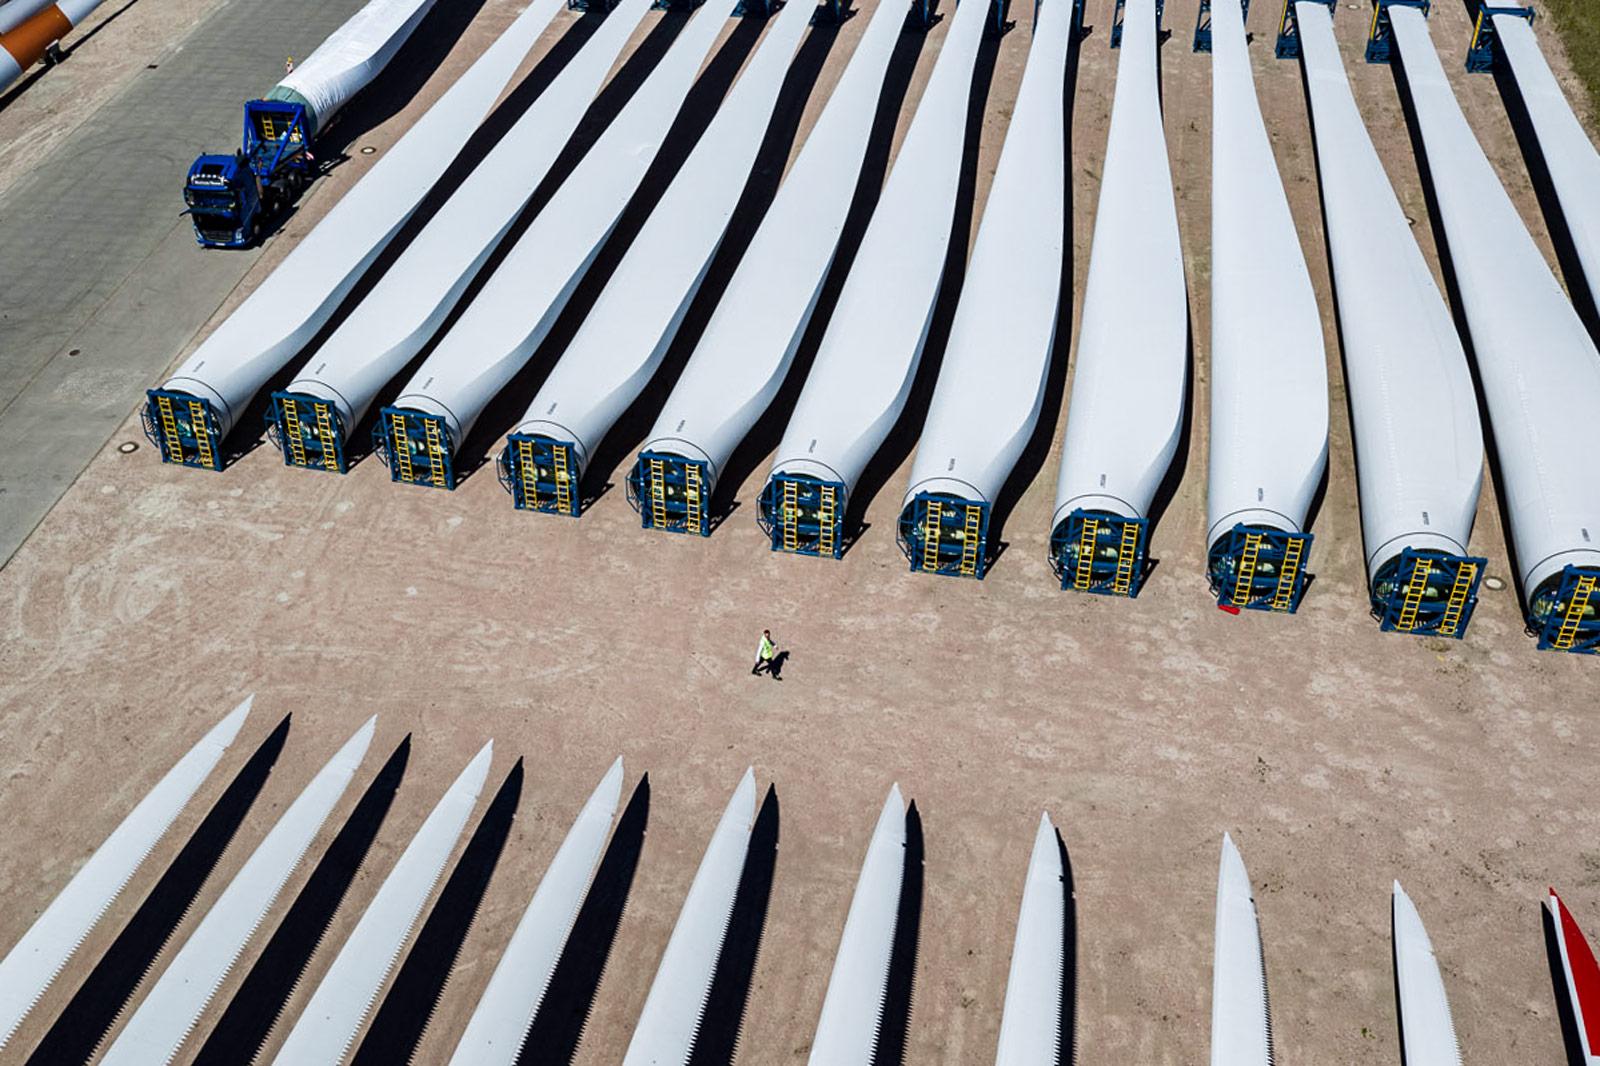 Herstellung Windkraftanlage, Deutschland © Kollektiv25